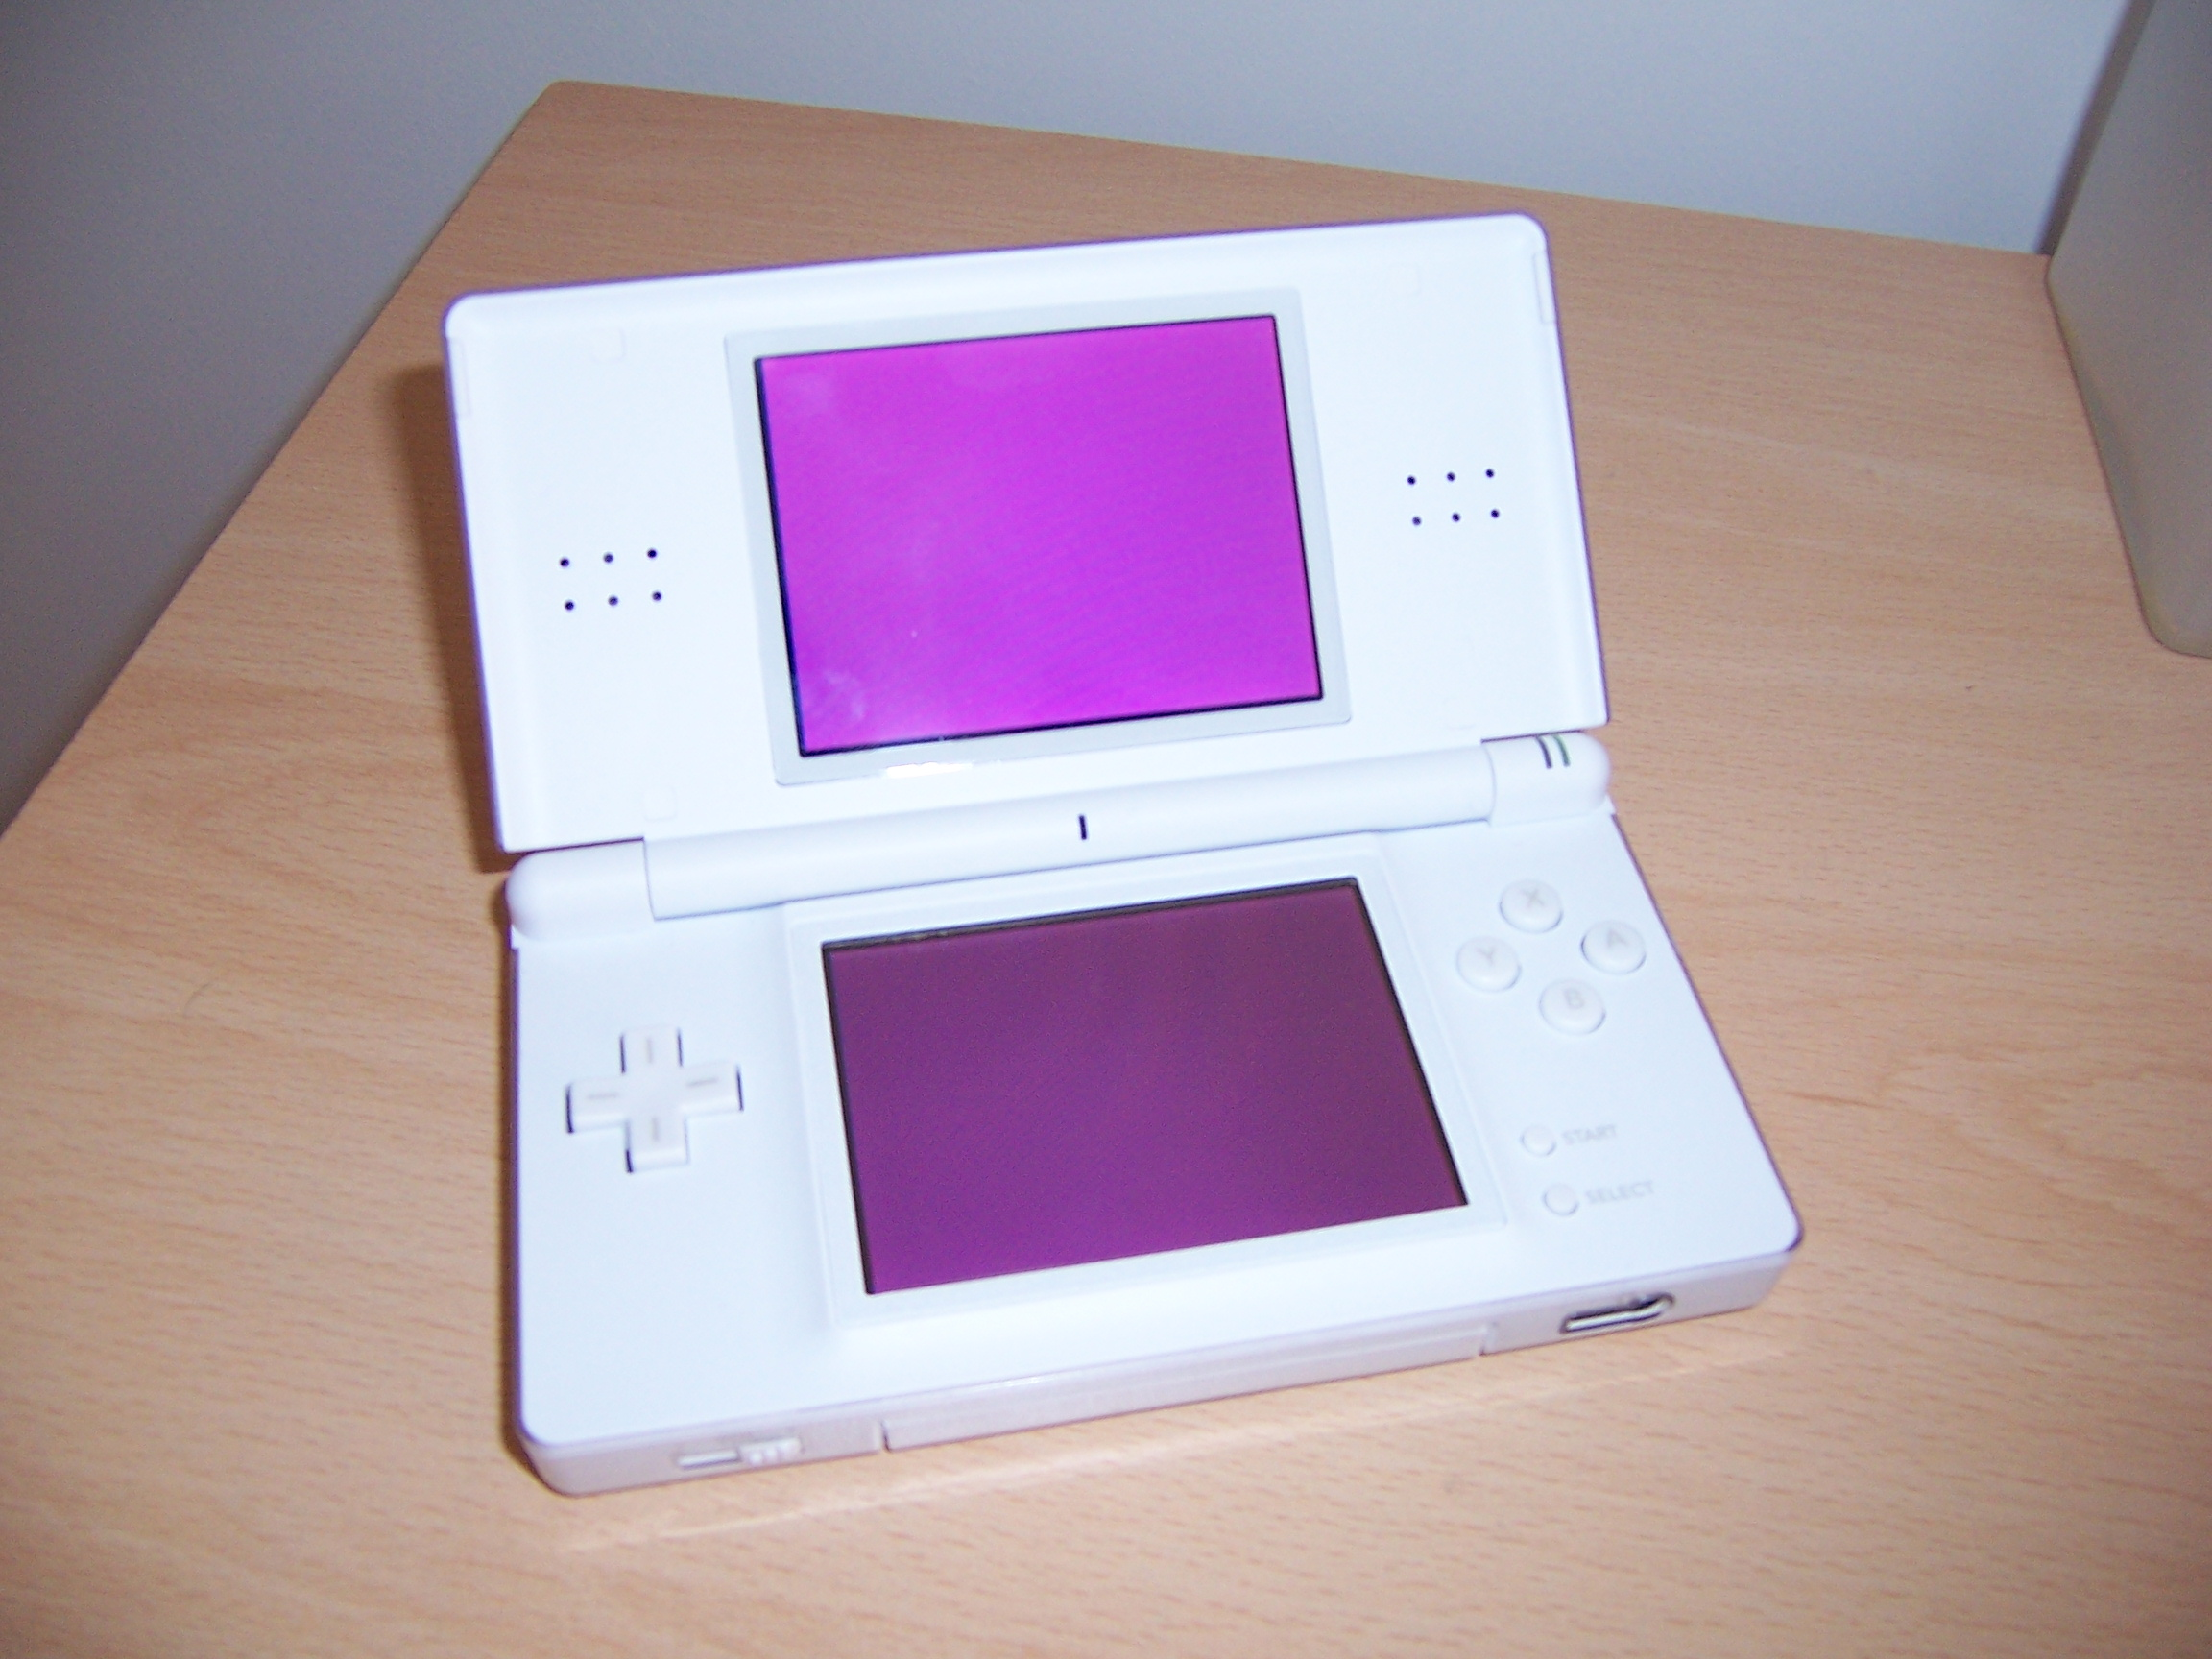 File:Nintendo-DS-Lite-Purple-Screen.JPG - Wikimedia Commons